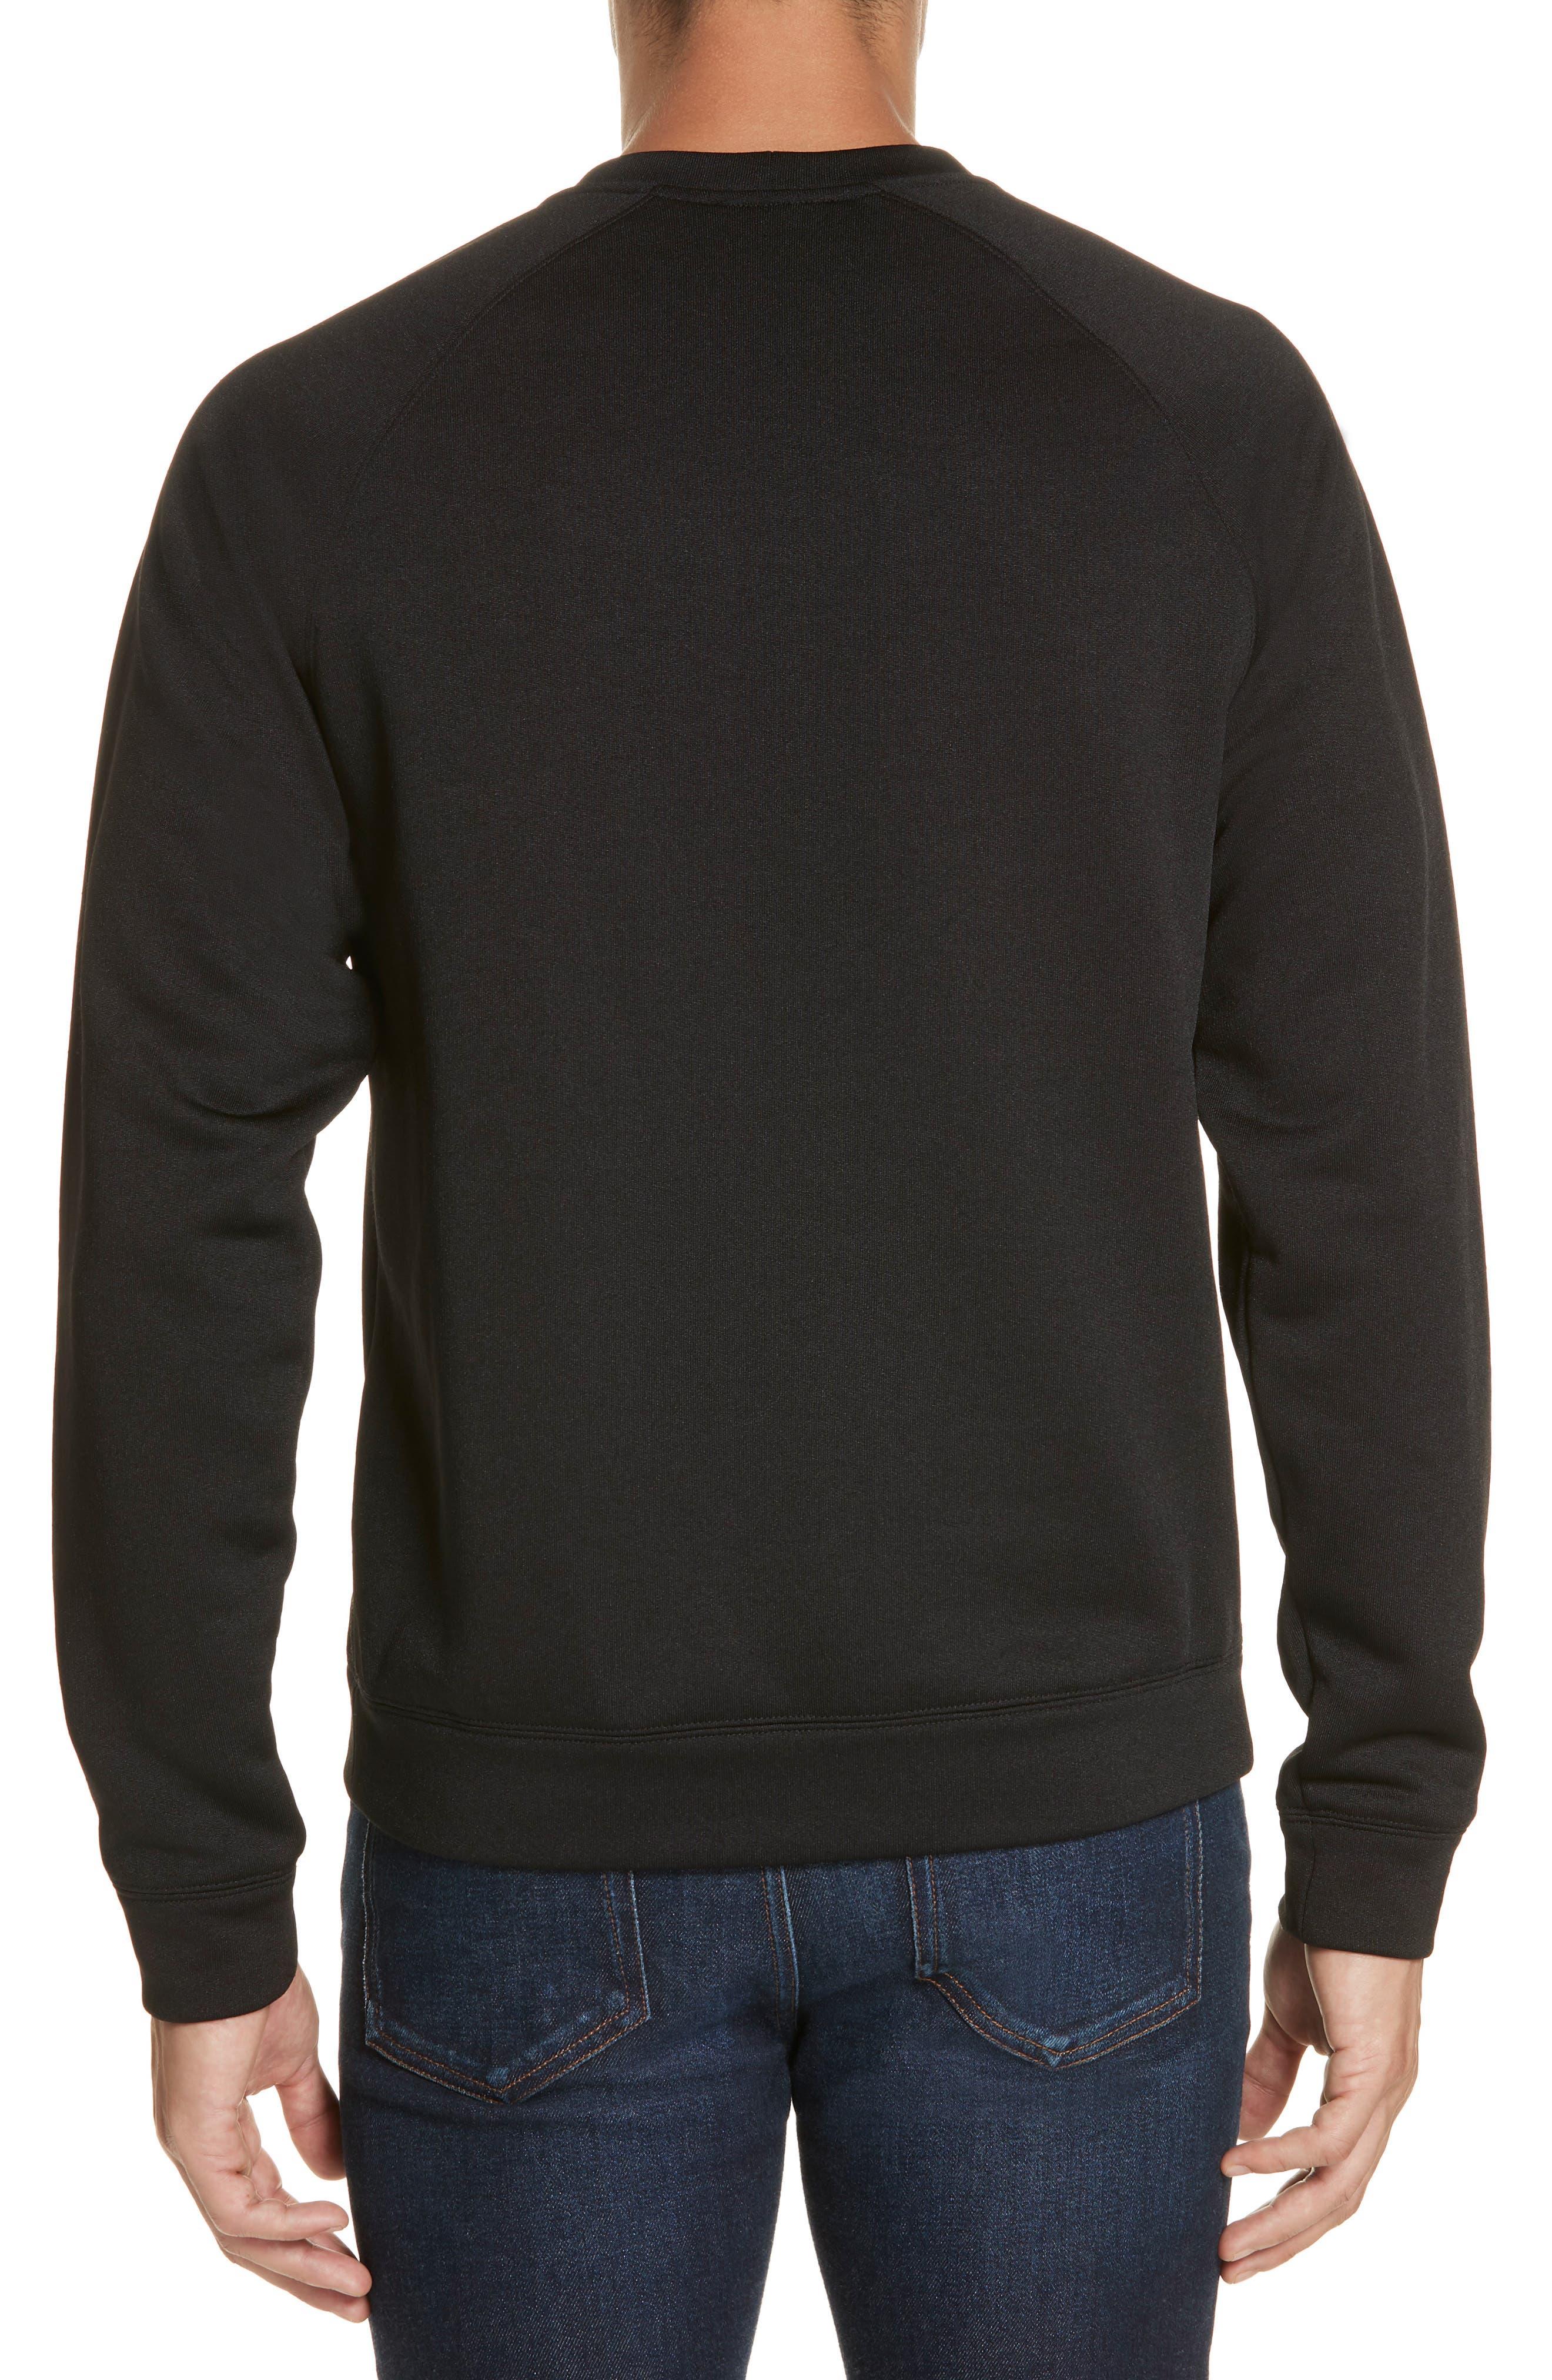 VERSACE COLLECTION, Medusa Print Sweatshirt, Alternate thumbnail 2, color, BLACK/ PAINT